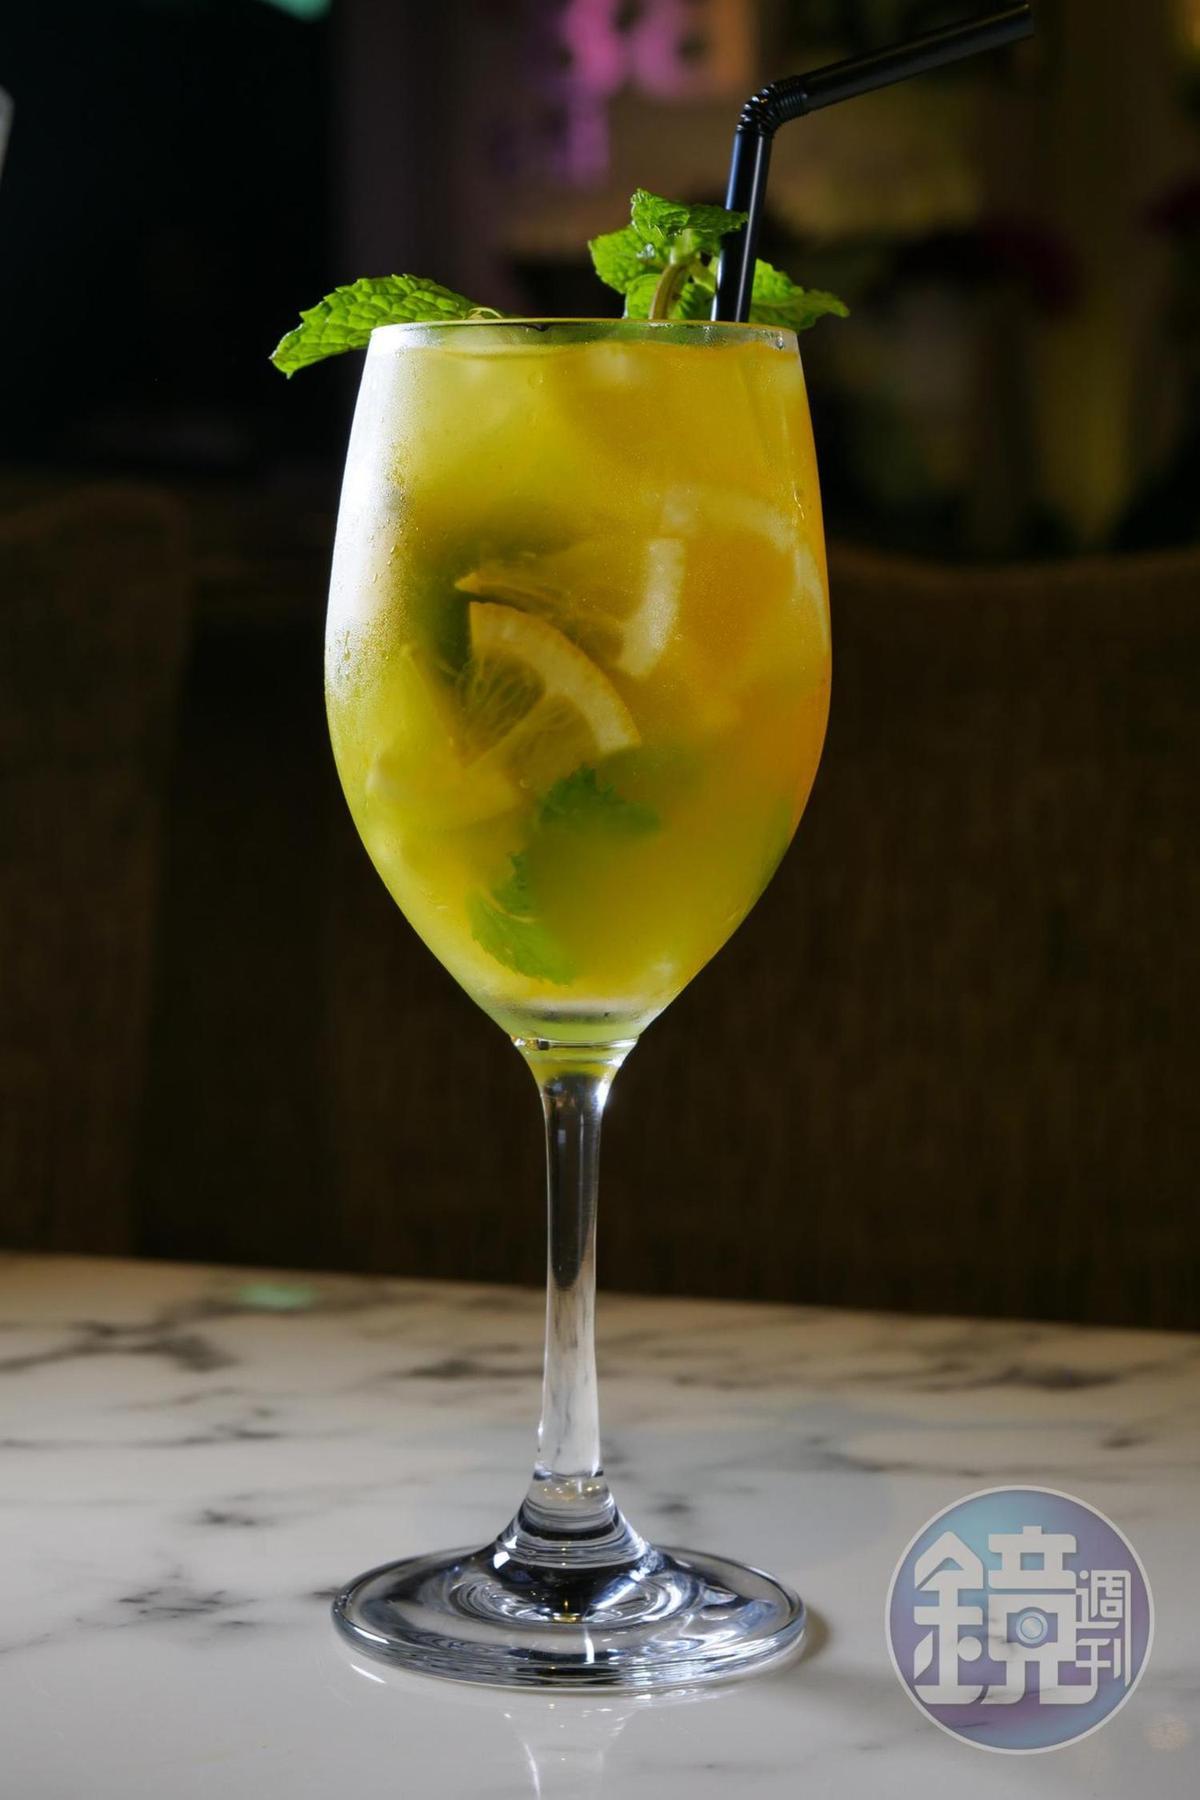 口感清爽宜人的「白酒Sangria」,特別適合炎炎夏日。(澳門幣58元/杯,約NT$215)